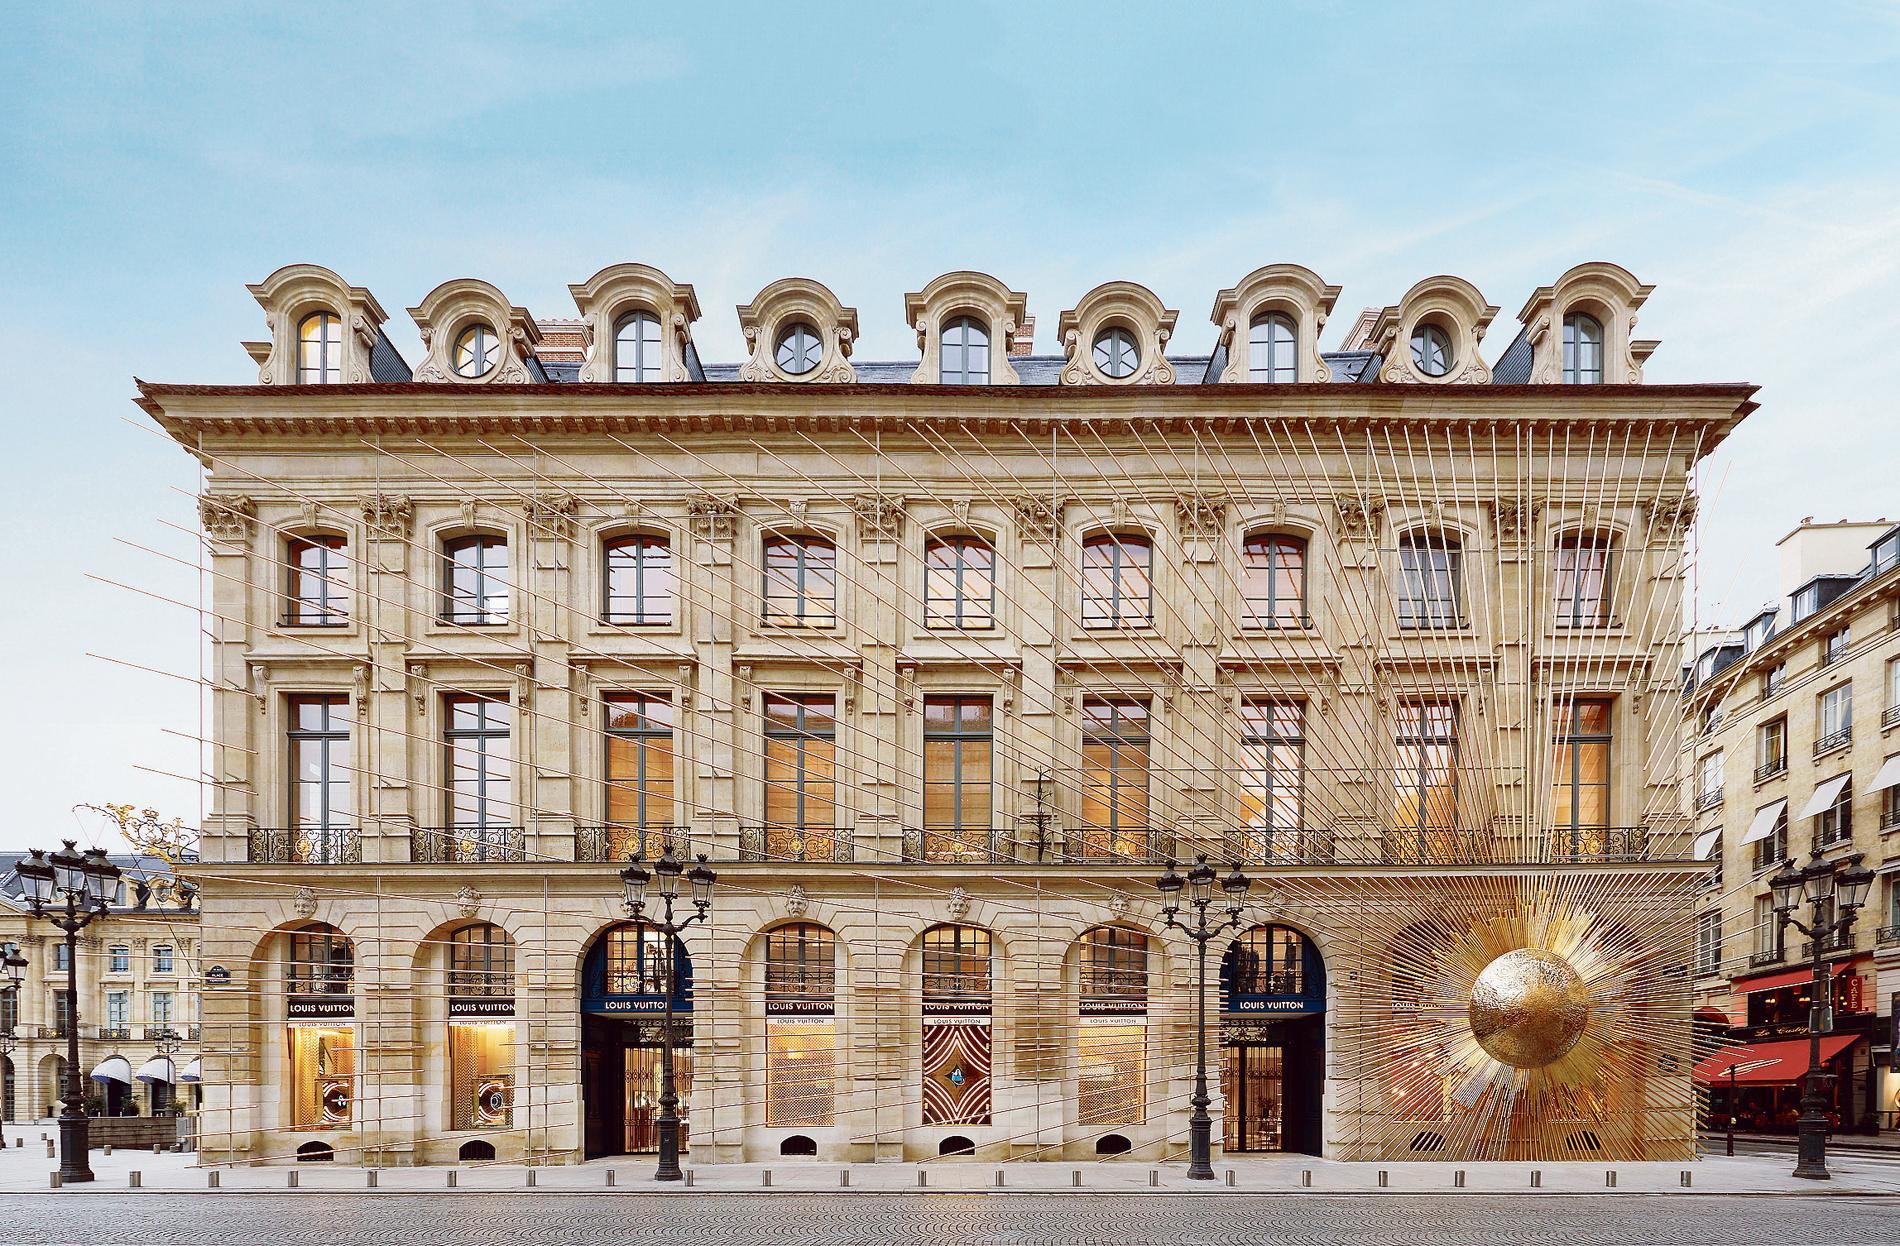 913d45e6254d Demain, Louis Vuitton inaugure son spectaculaire flagship reliant la place  Vendôme et la rue Saint-Honoré. Une ouverture qui reflète la transformation  de ce ...